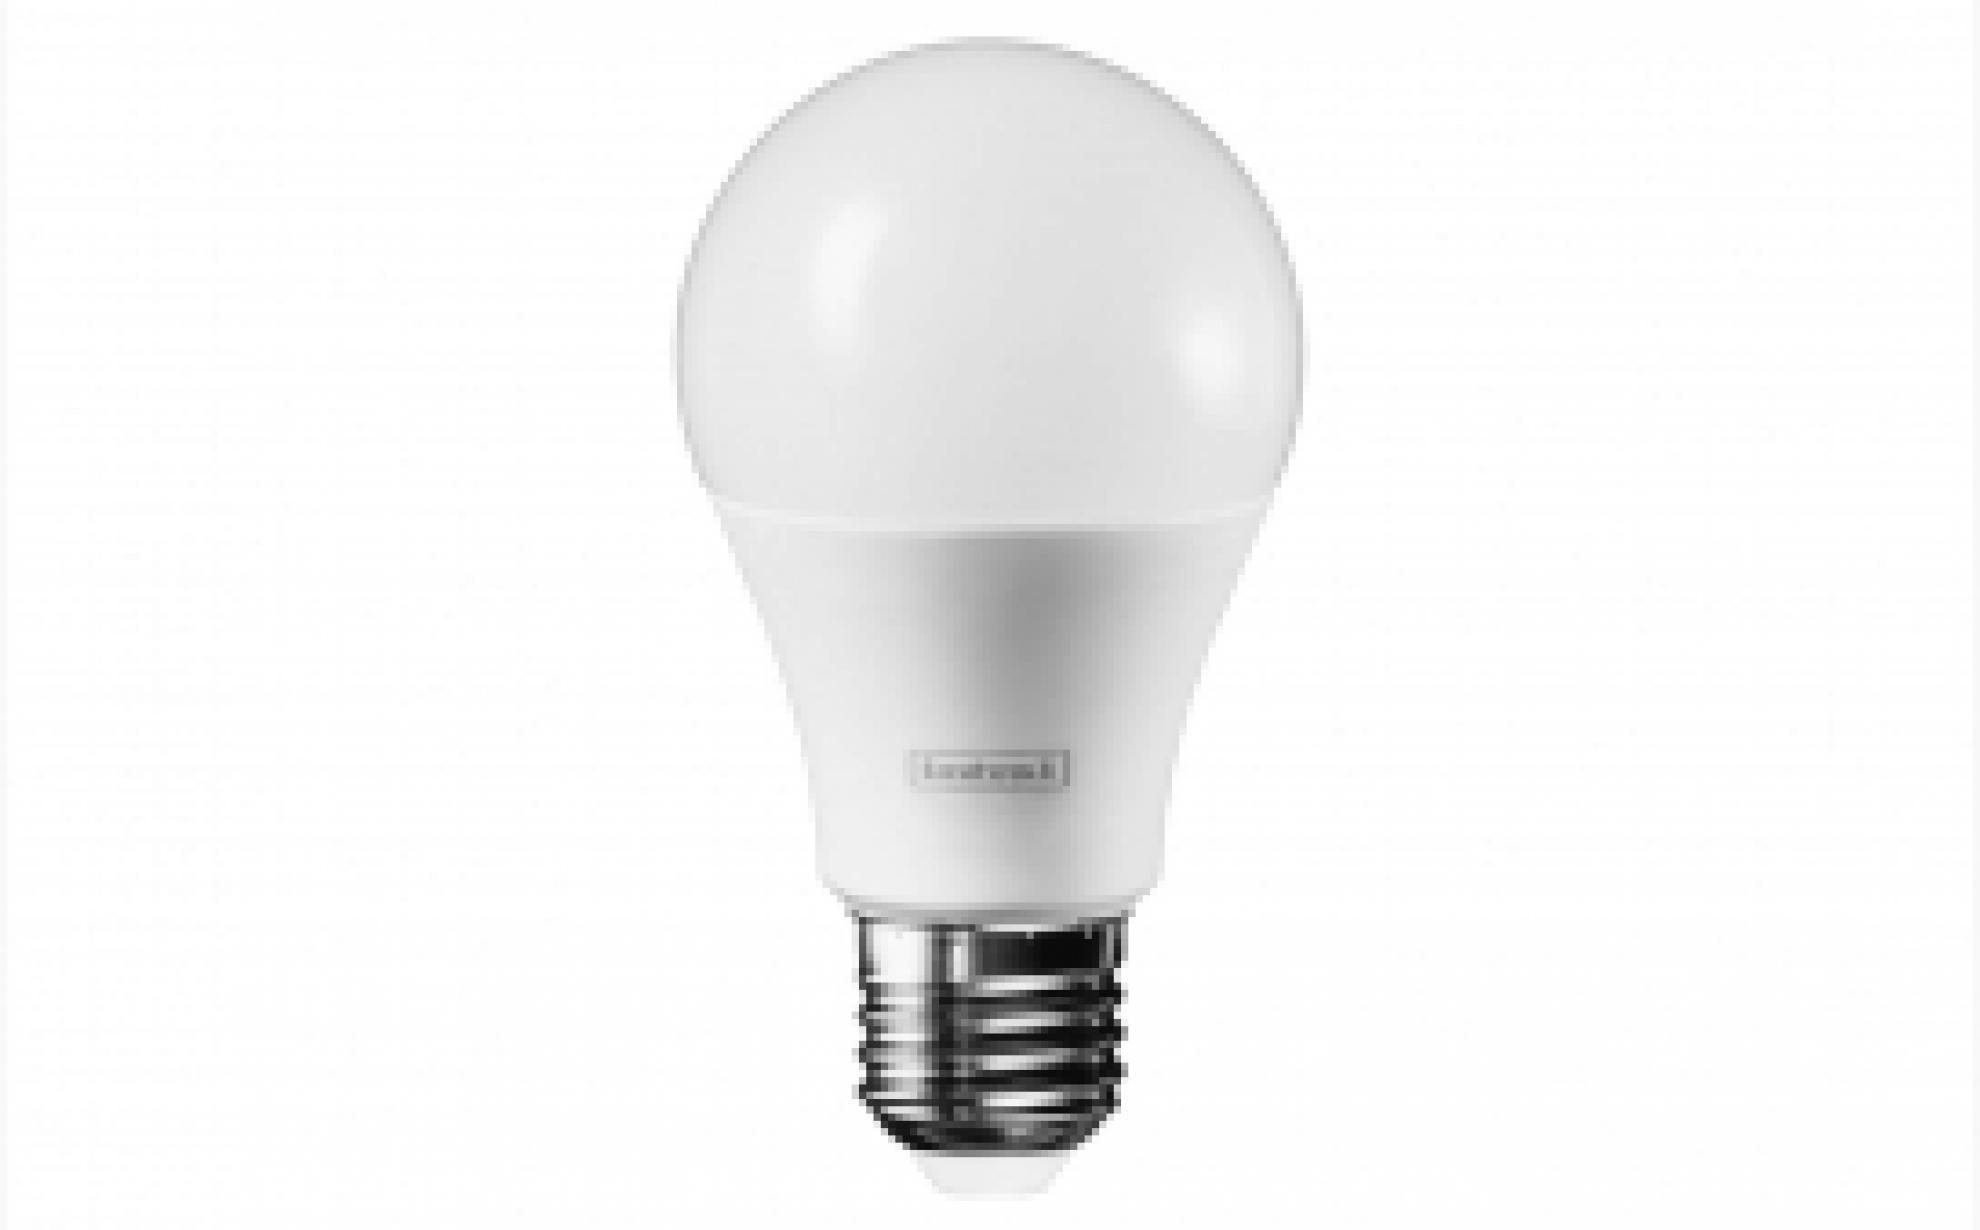 LAMPADA LED BULBO 14W 6500K BIV 60A